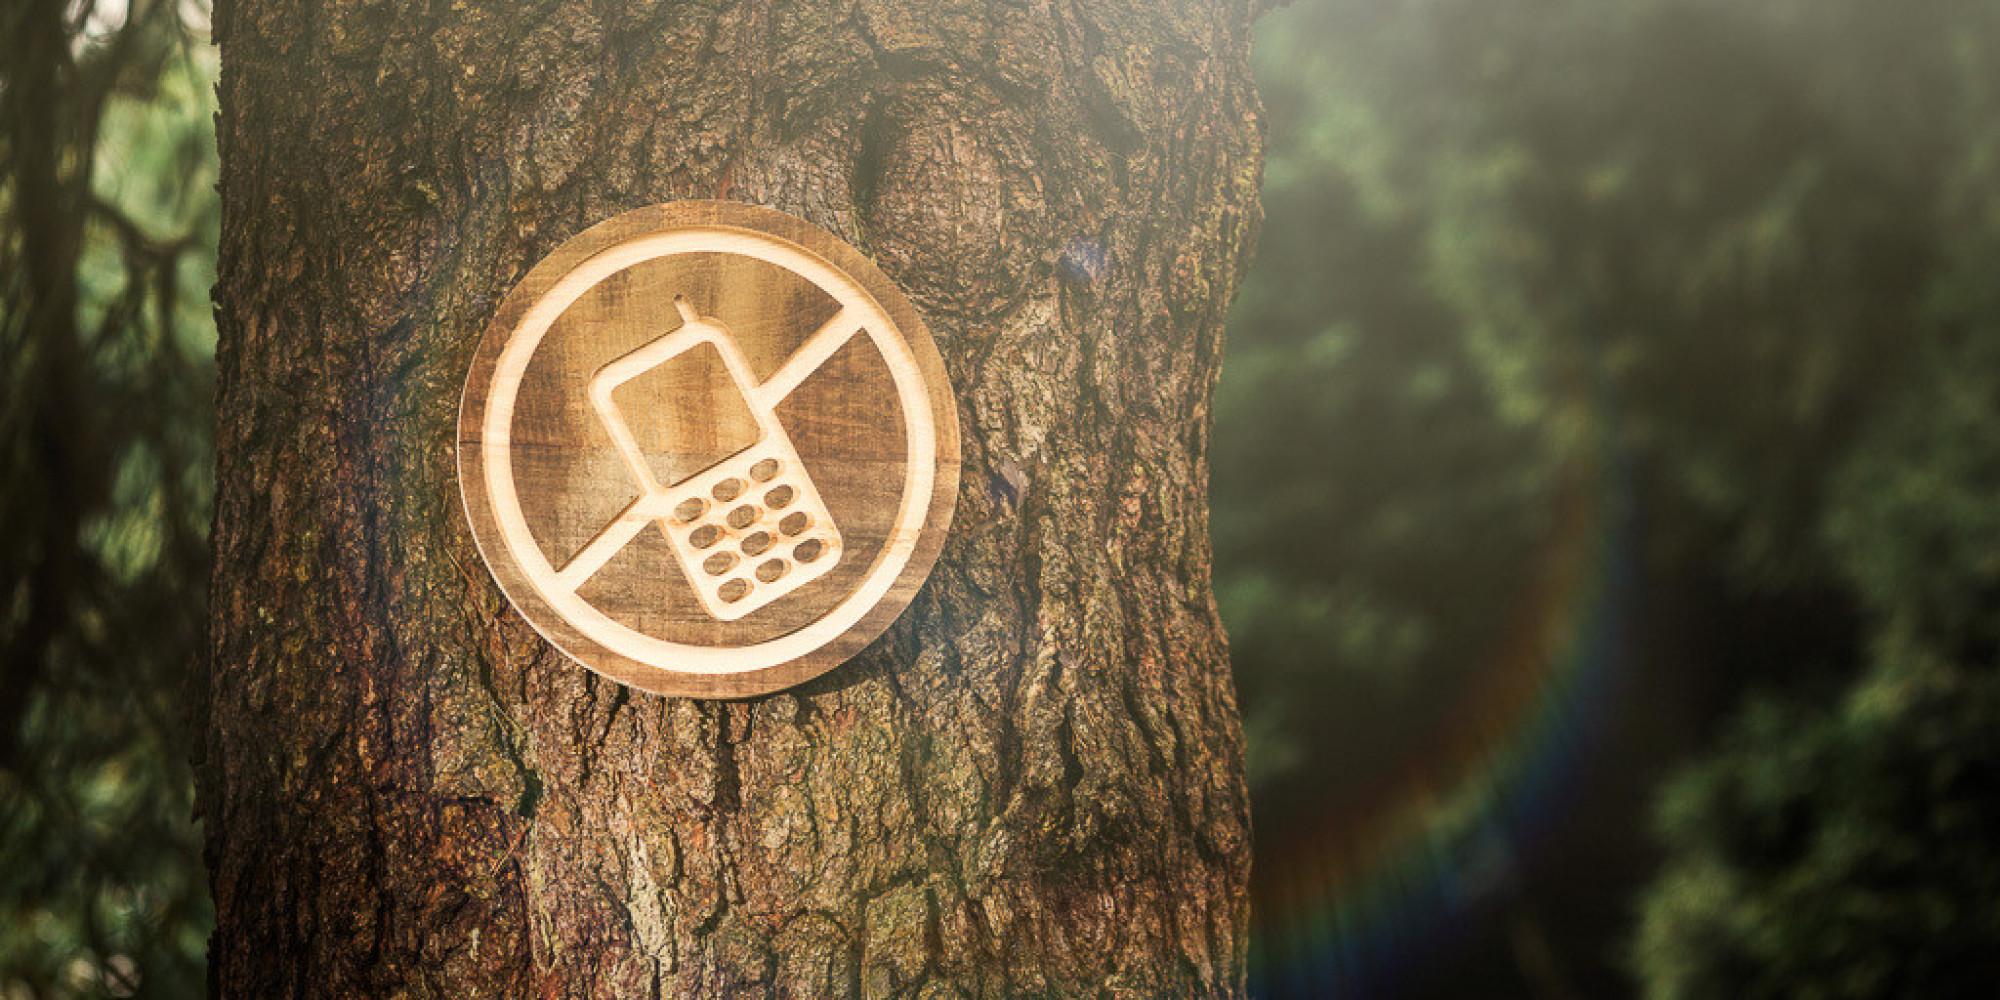 7 cách ngắt kết nối với công nghệ và vui vẻ không làm gì cả